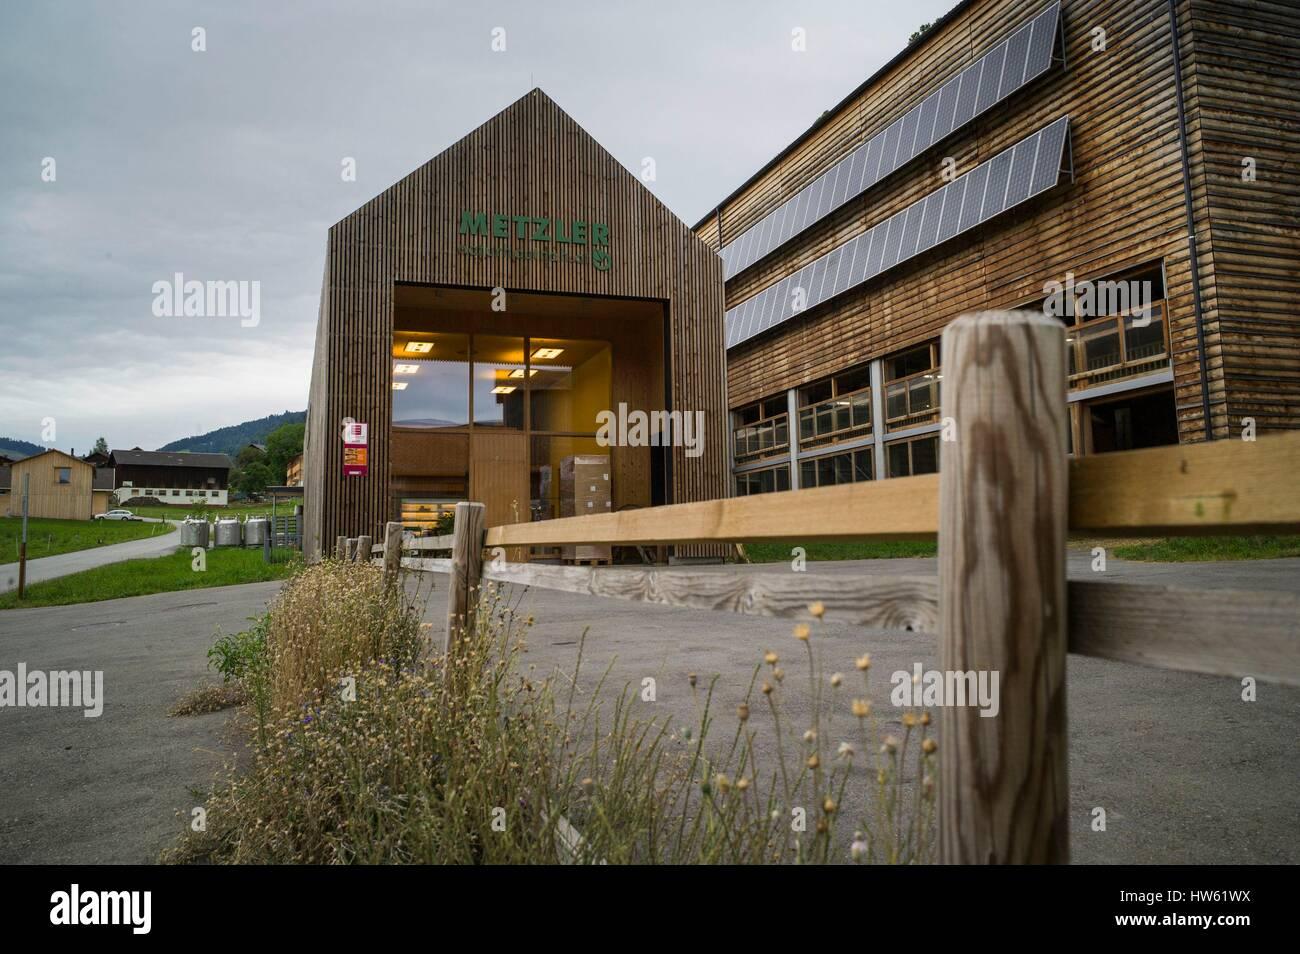 Austria, Vorarlberg, Bregenzerwald, Egg, Cheese dairy and cosmetics Metzlerof Fab-02 Klas & Lässer Architekt - Stock Image